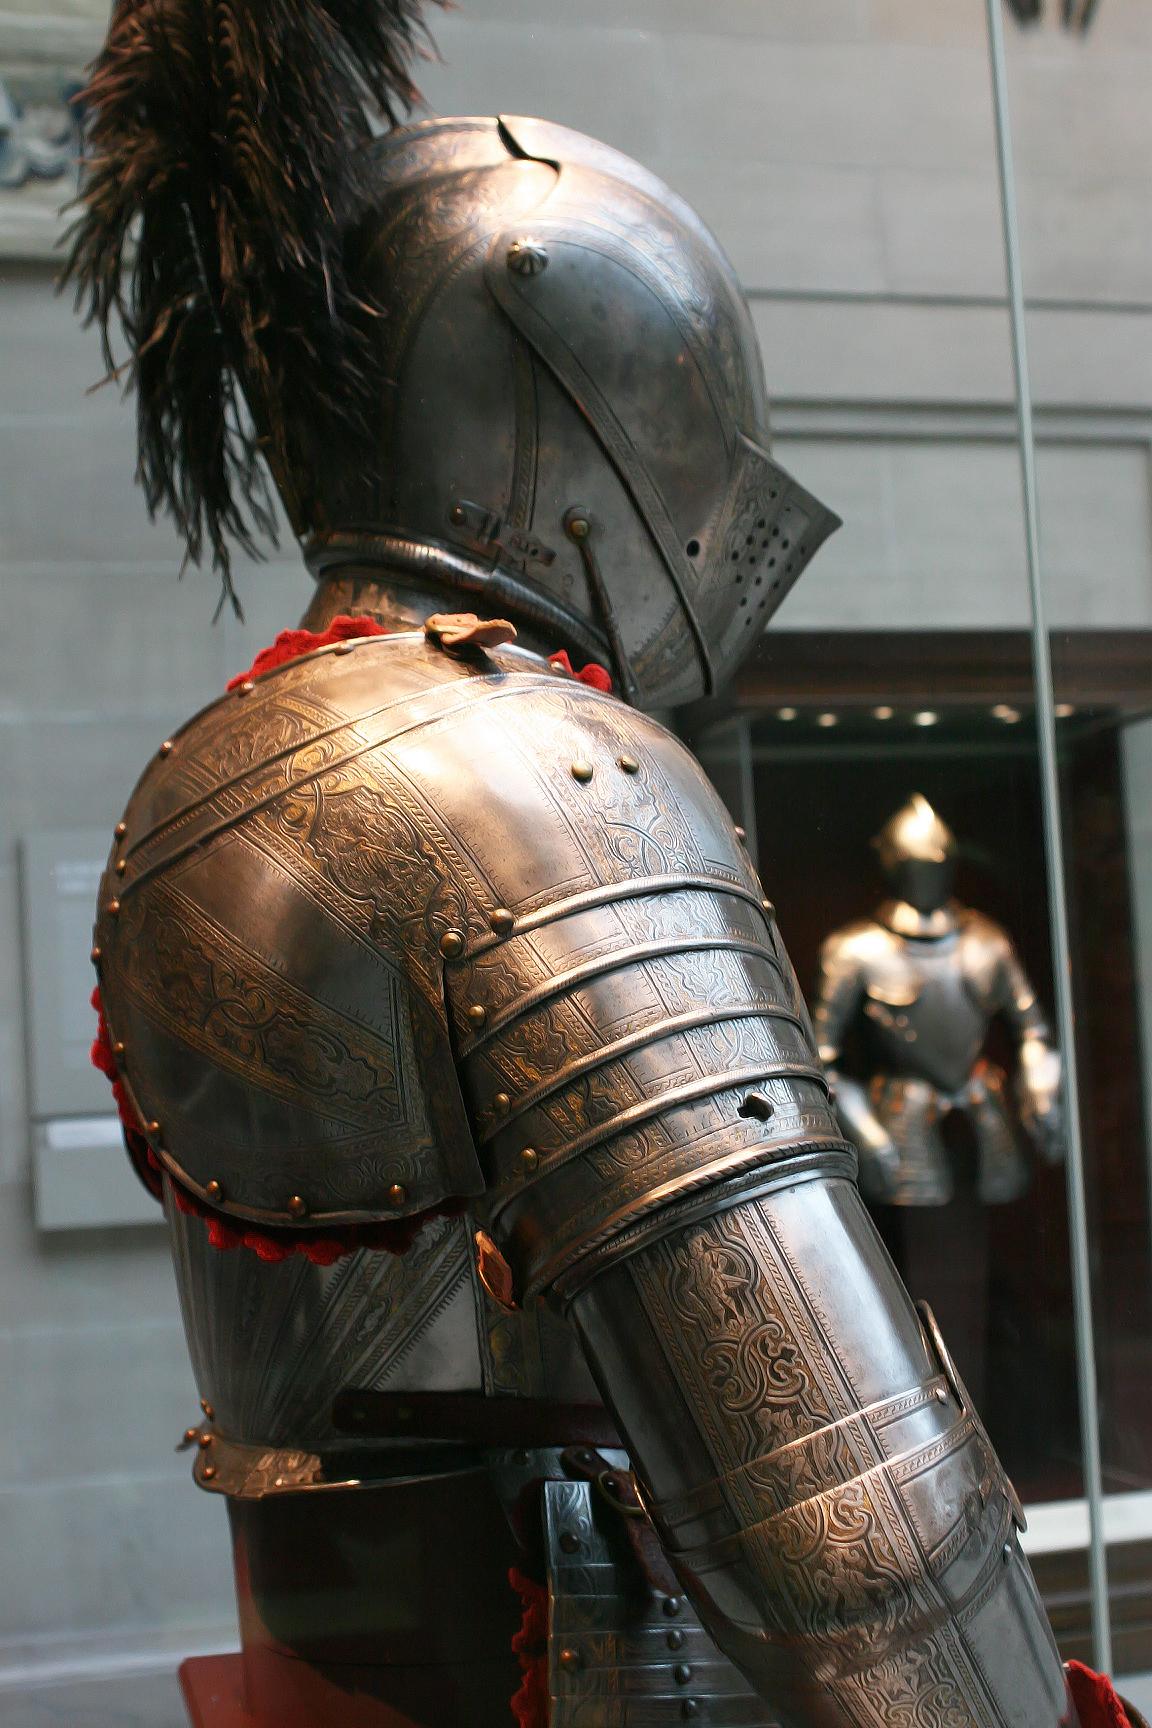 Warrior wear on sale